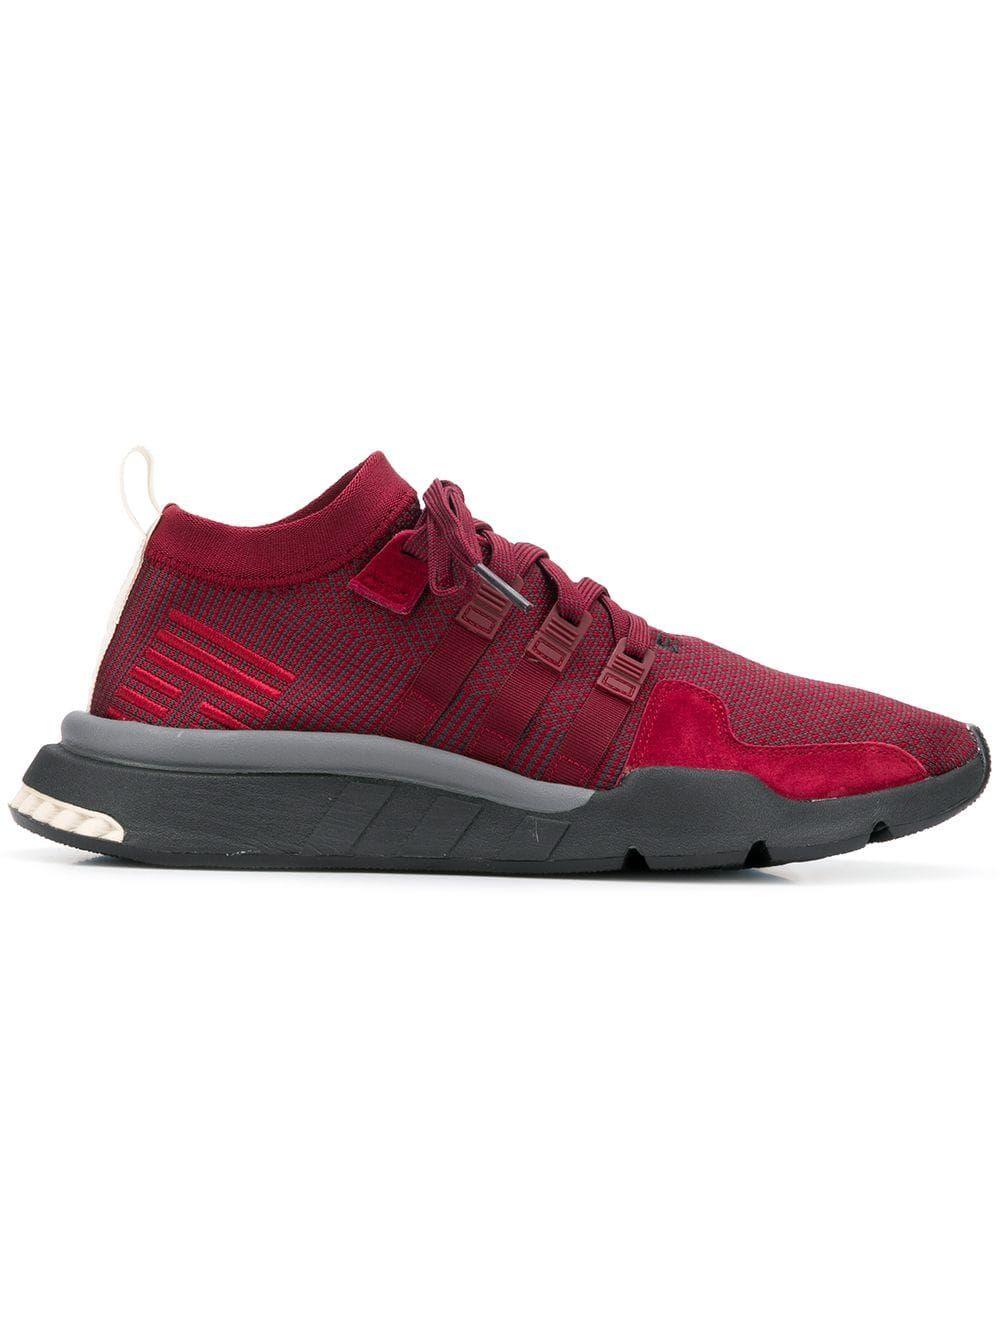 promo code 3a0a0 895a0 ADIDAS ORIGINALS ADIDAS EQT SUPPORT MID ADV SNEAKERS - RED.  adidasoriginals shoes